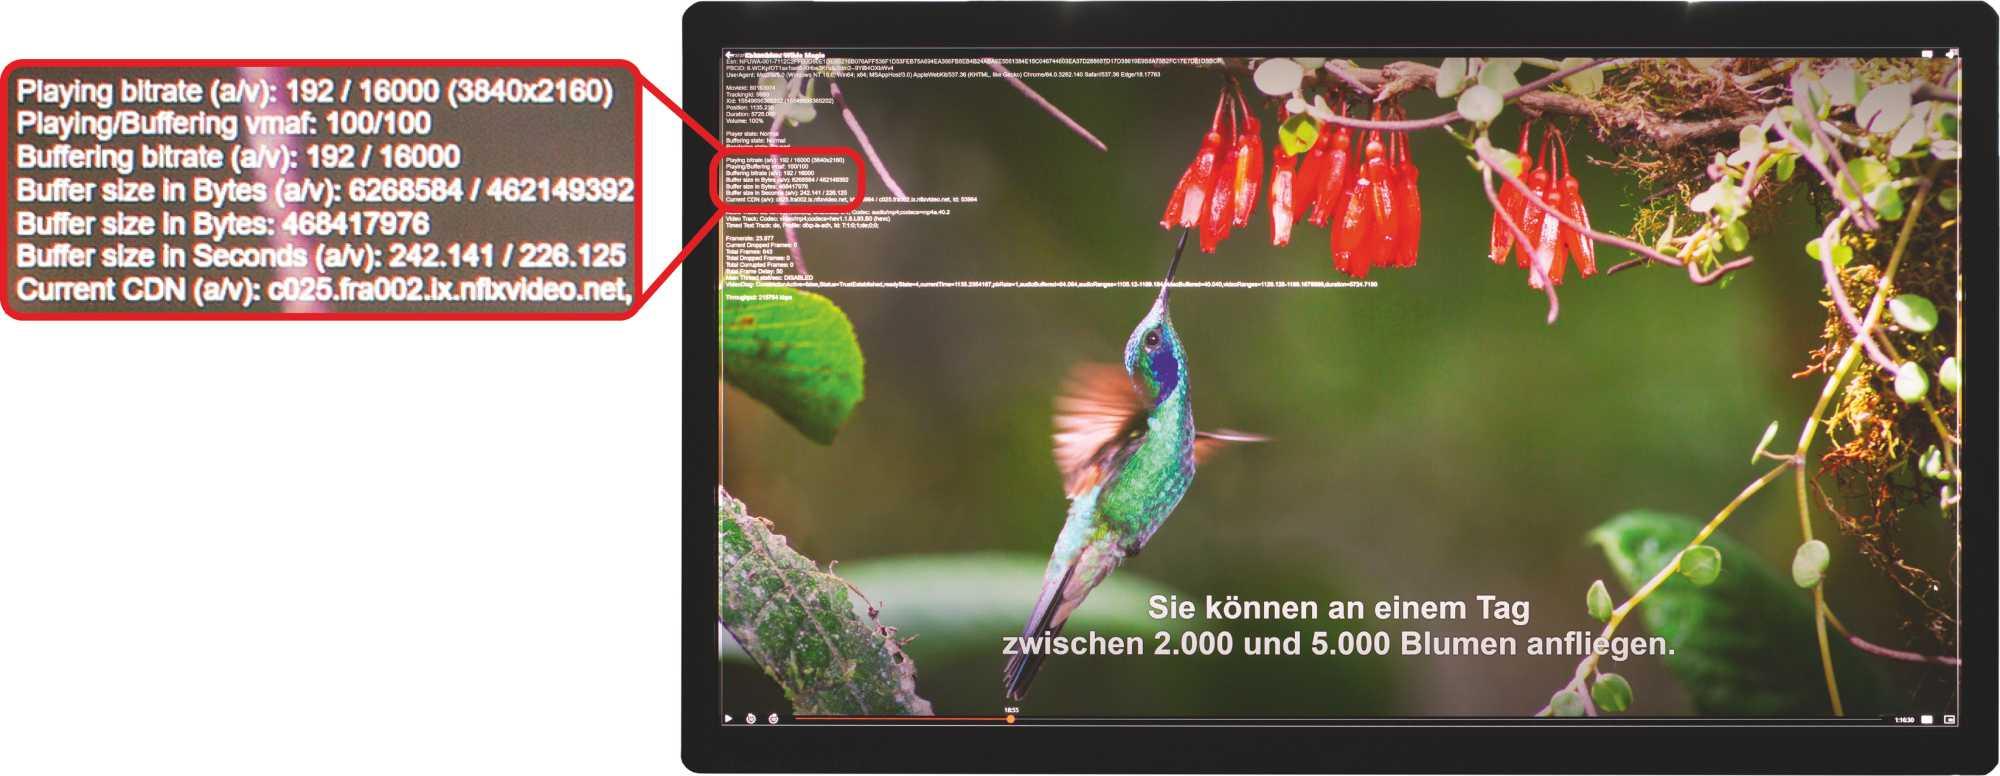 Mit der Tastenkombination Strg+Shift+Alt+D aktiviert man das Overlay für Netflix-Streams. Ab Abschnitt 4 werden Bild- und Bitraten sowie die Auflösung für den Video- und Audiostream ausgegeben.